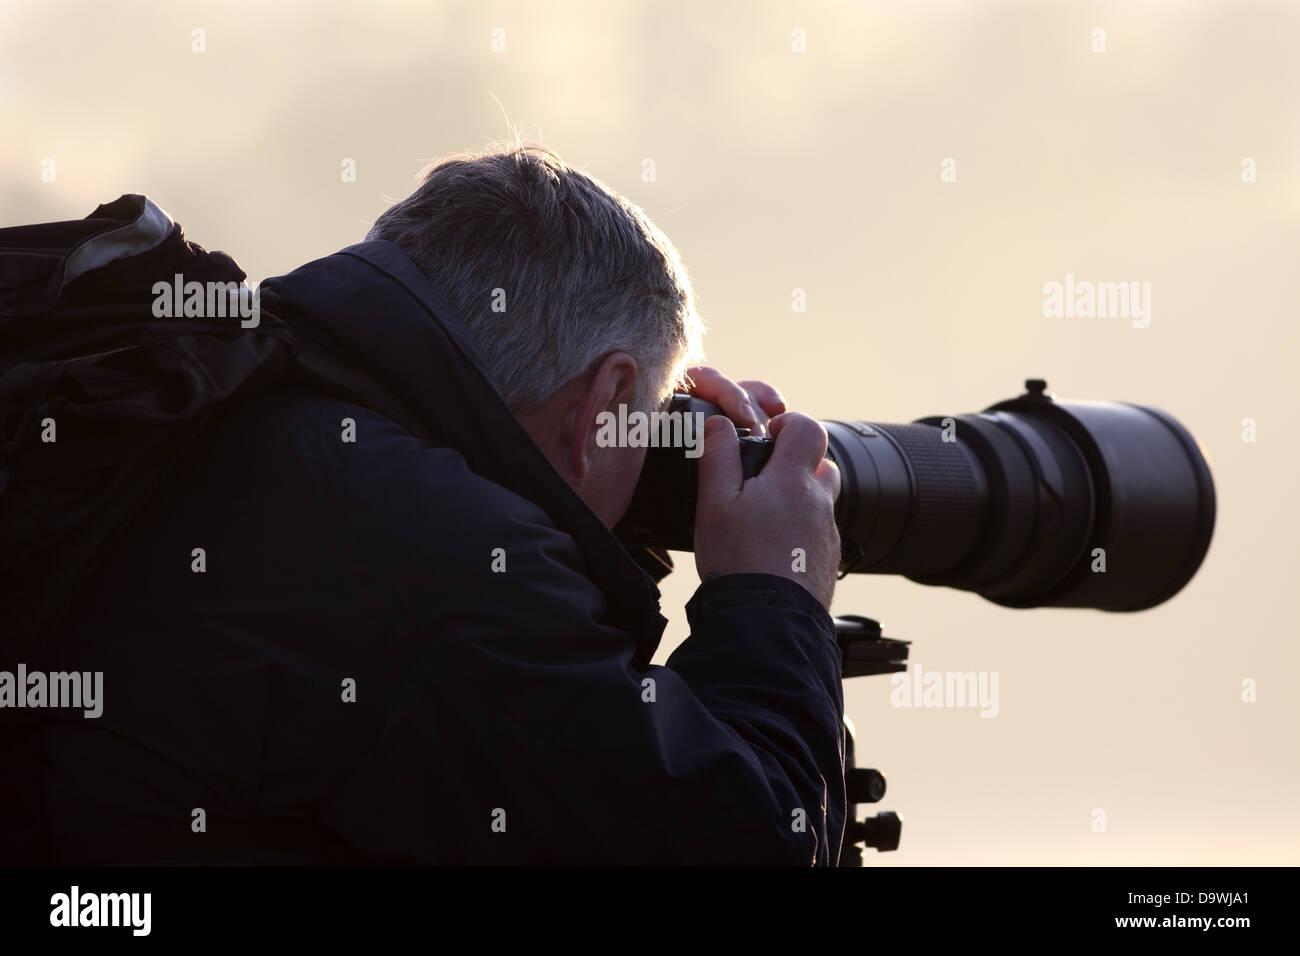 Fotografo con un teleobiettivo Immagini Stock